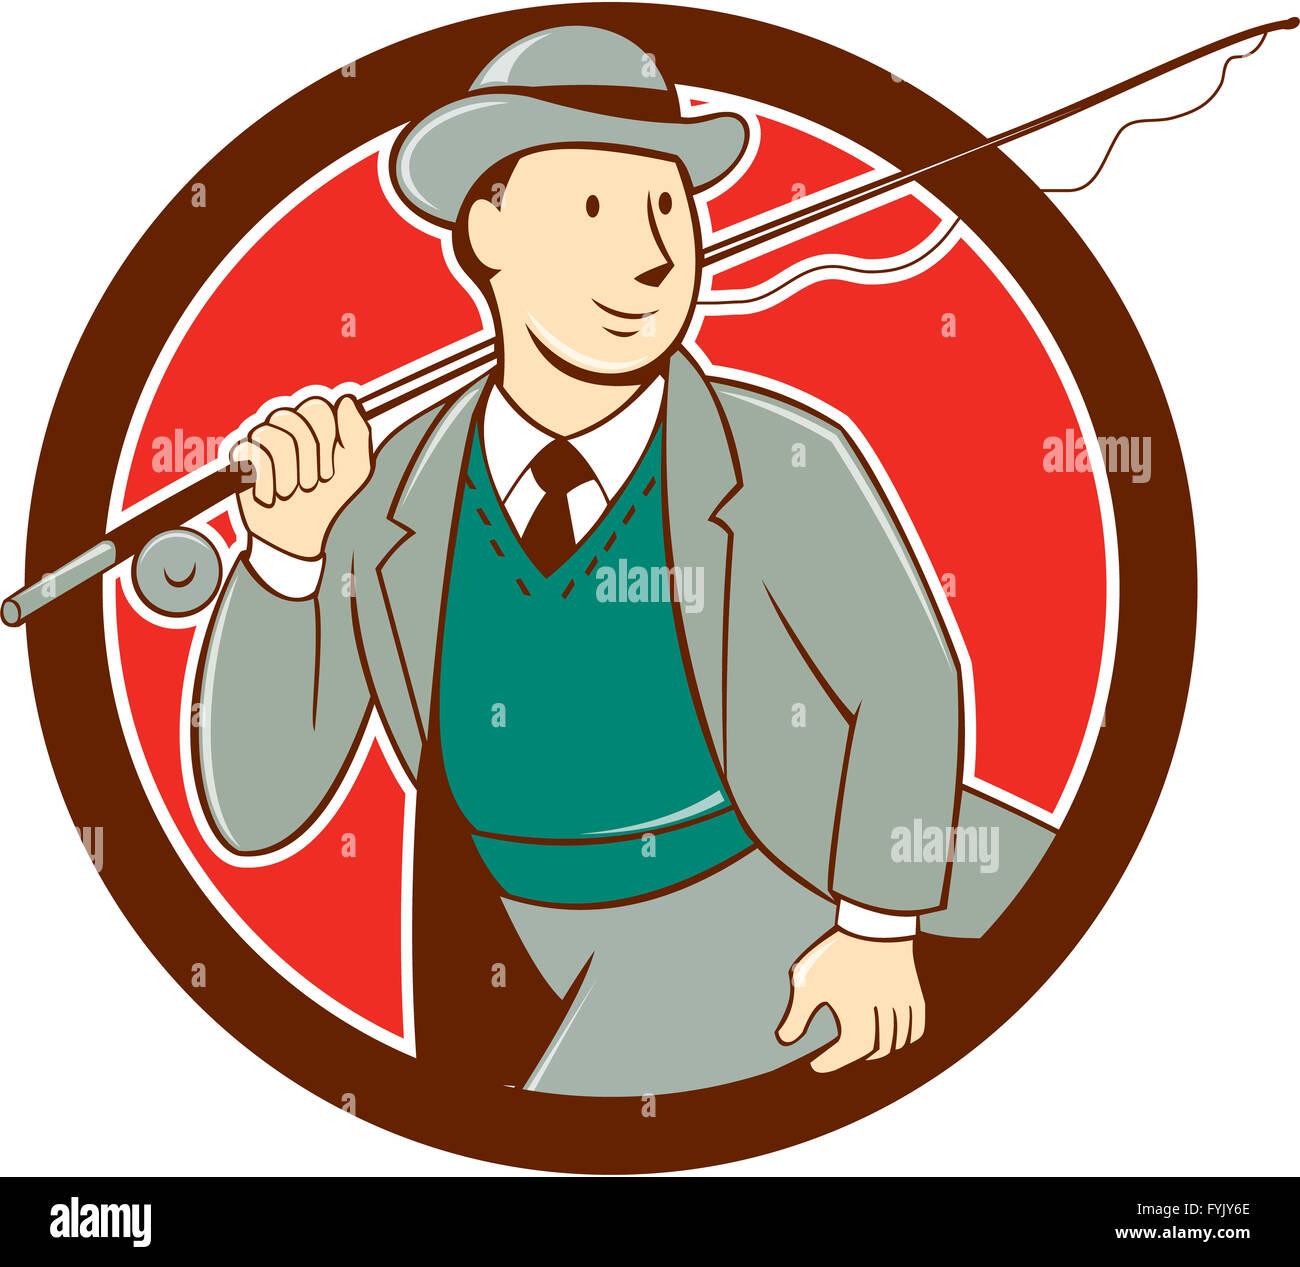 Cartoon Man Bowler Hat Stock Photos Cartoon Man Bowler Hat Stock